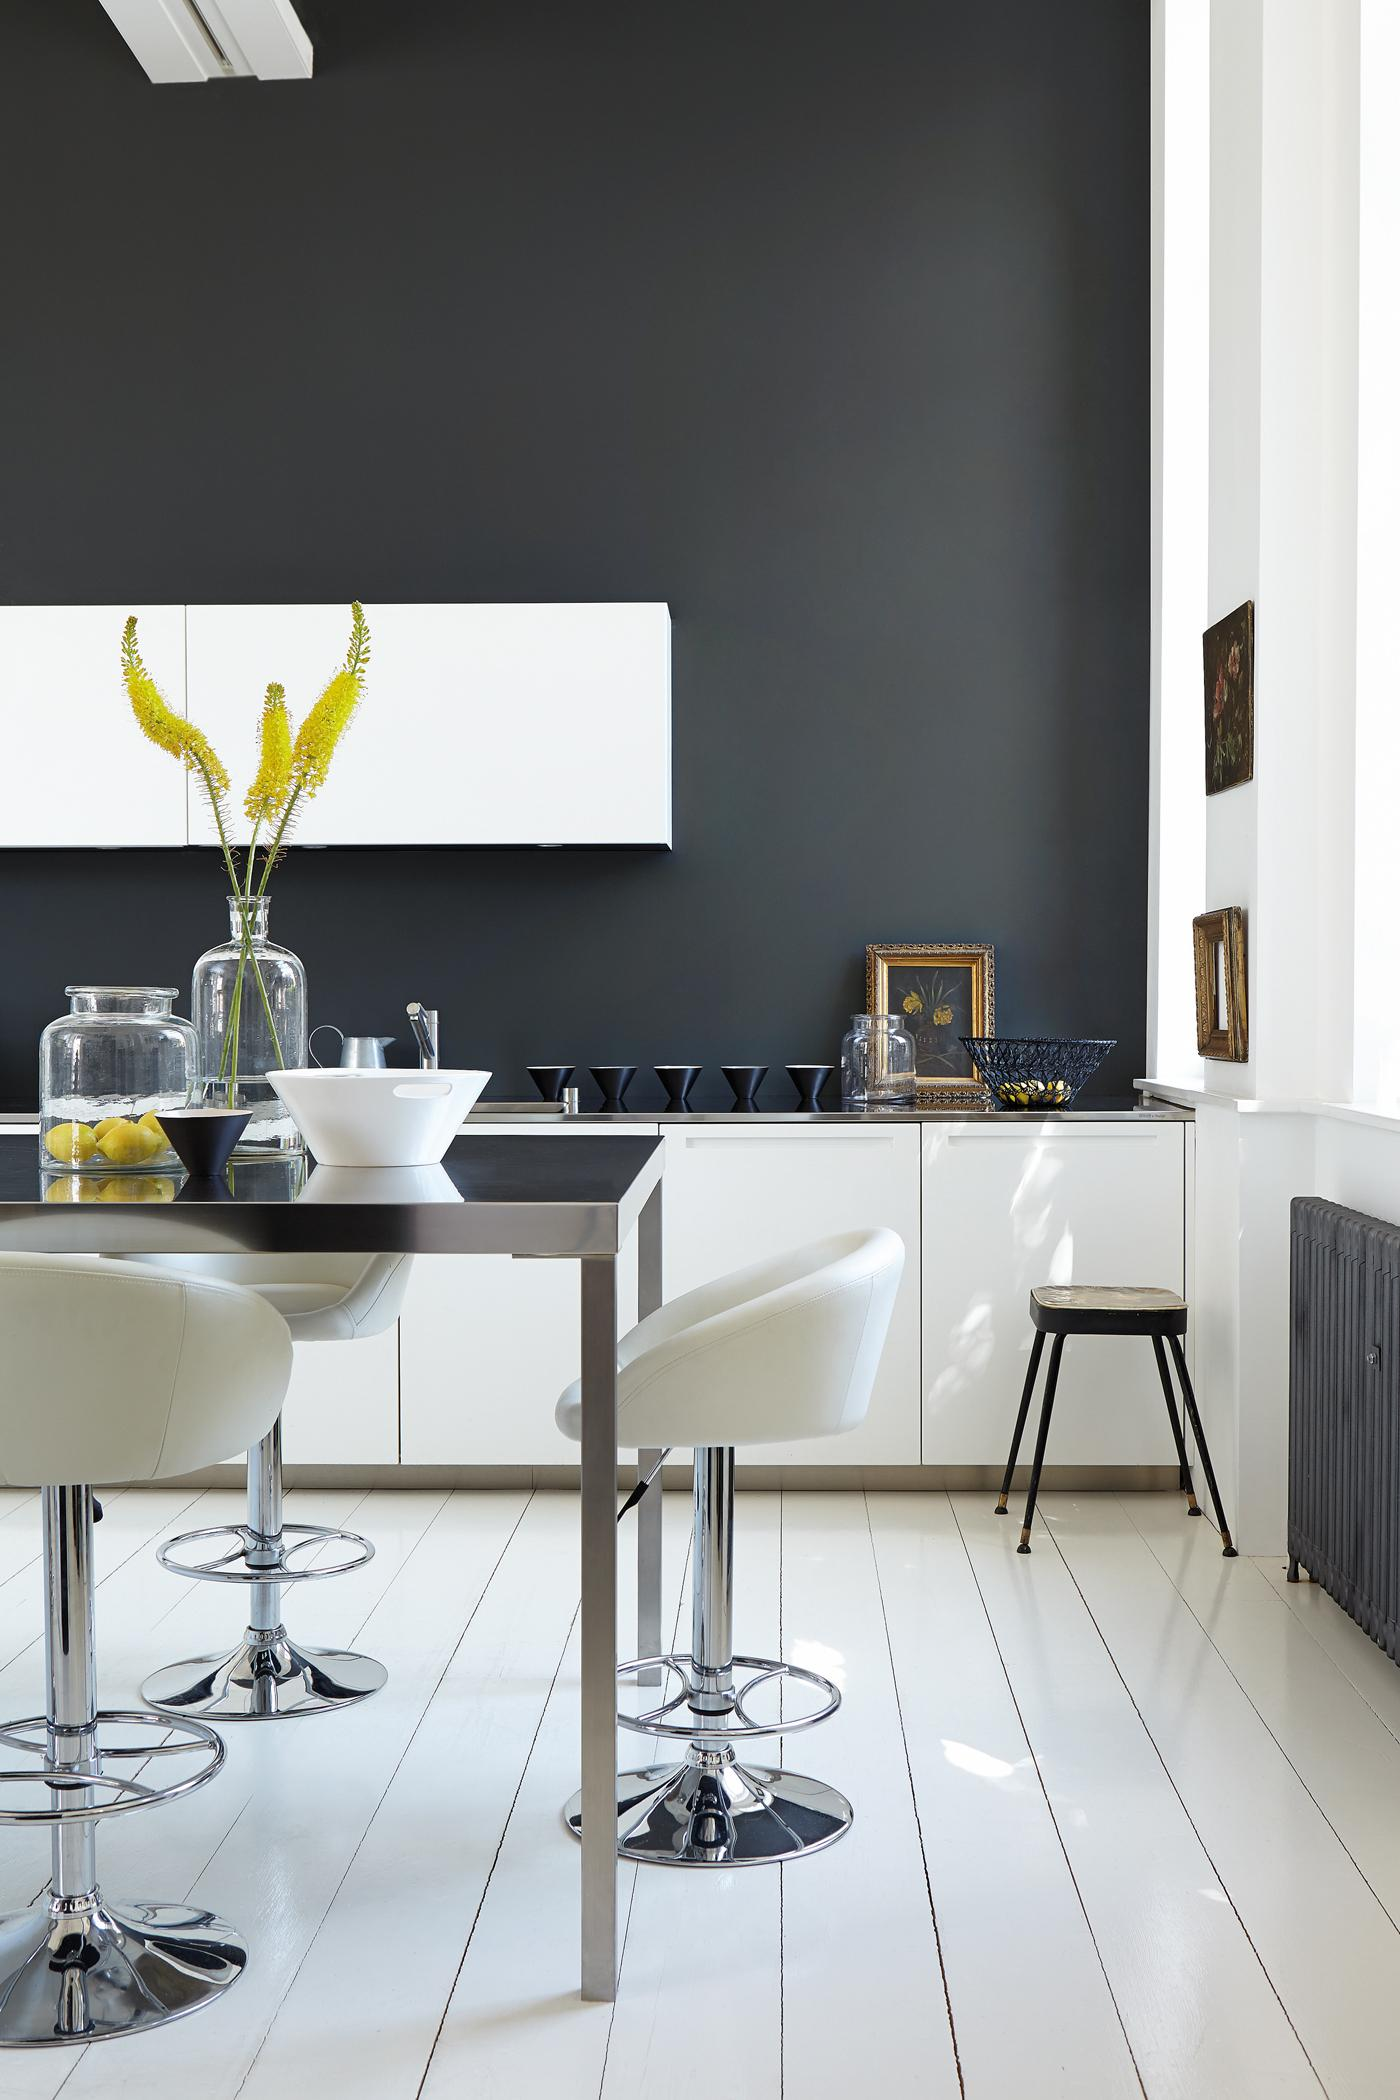 Küchengestaltung In Weiß Grau #wandfarbe #grauewandgestaltung #glasvase  #weißerbarhocker #küchengestaltung ©